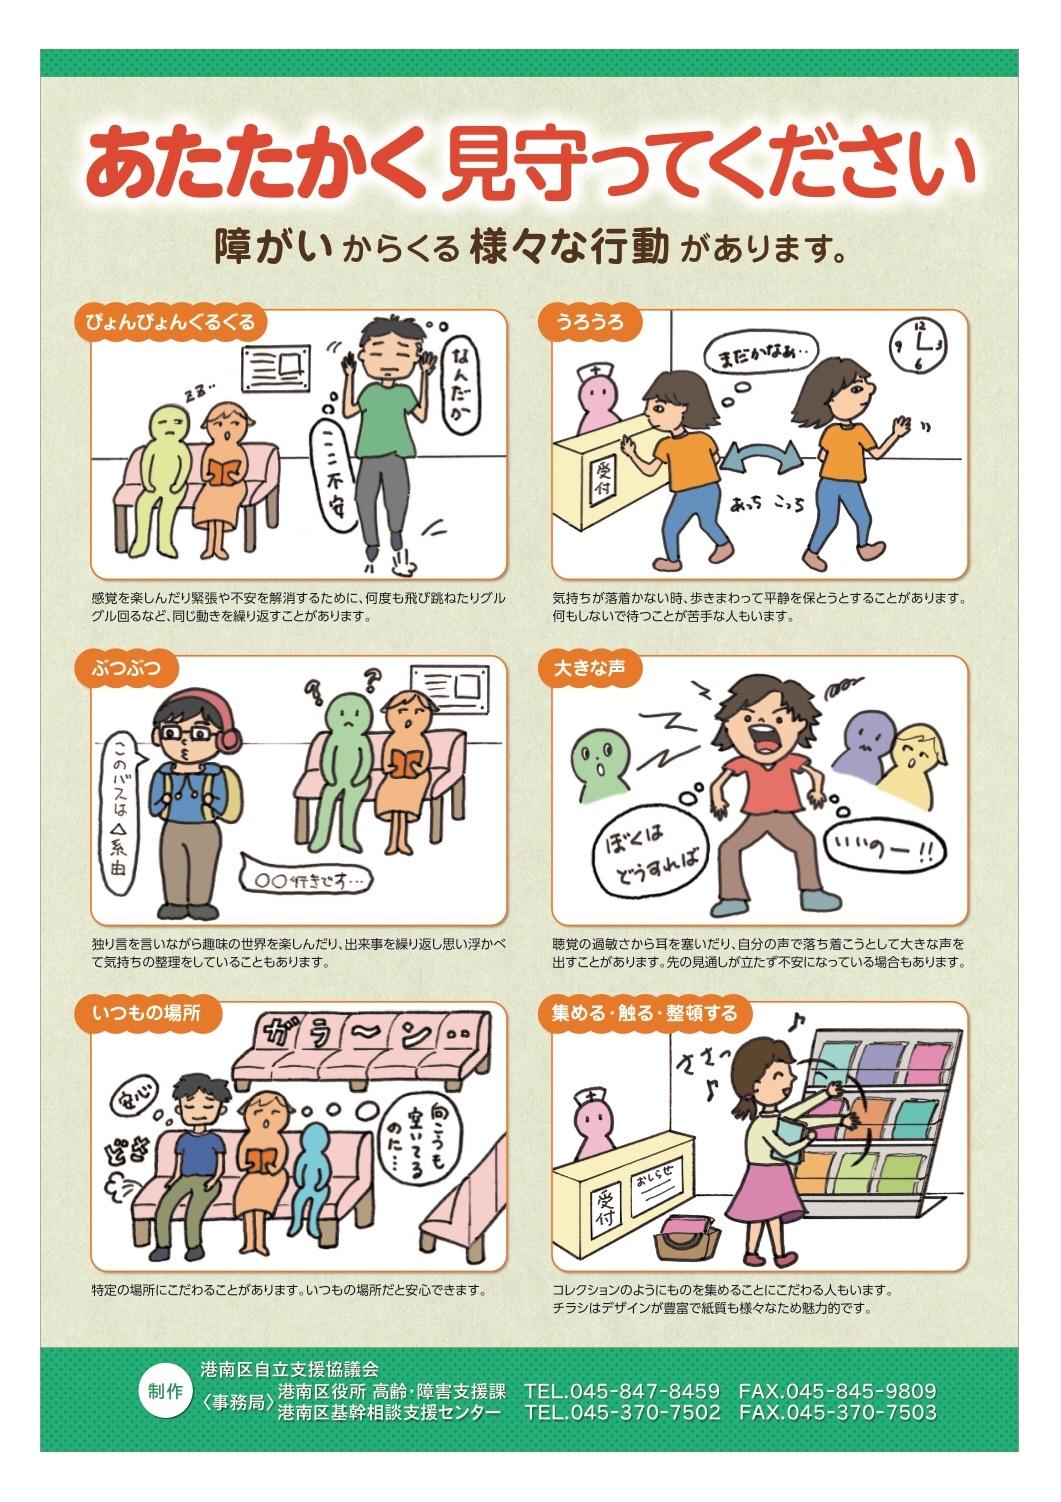 神奈川県横浜市港南区で掲示されている障害理解啓発のポスター.